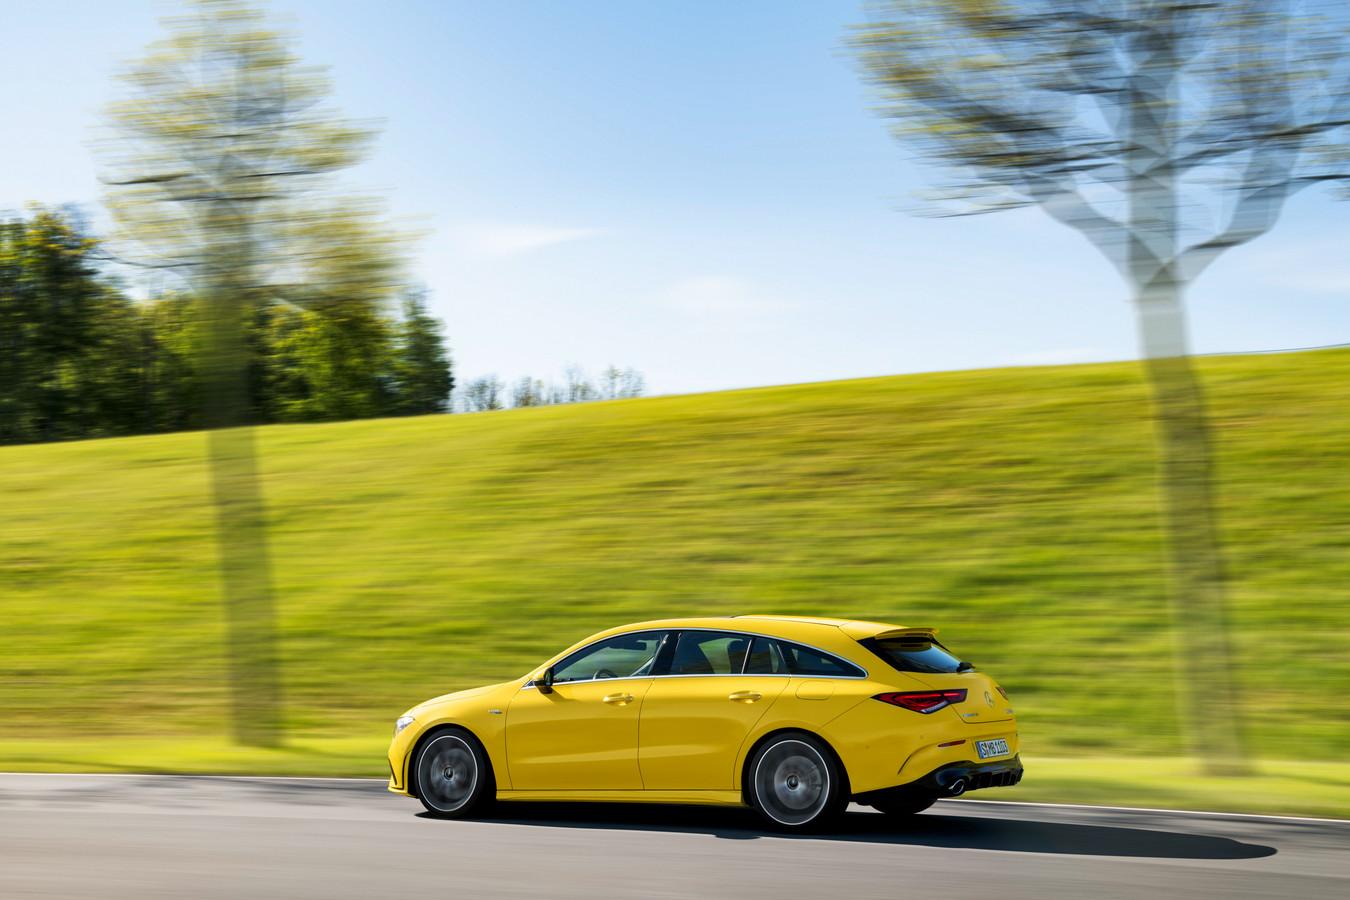 De Mercedes-AMG CLA Shooting Brake is nu al stiller dan zijn voorganger